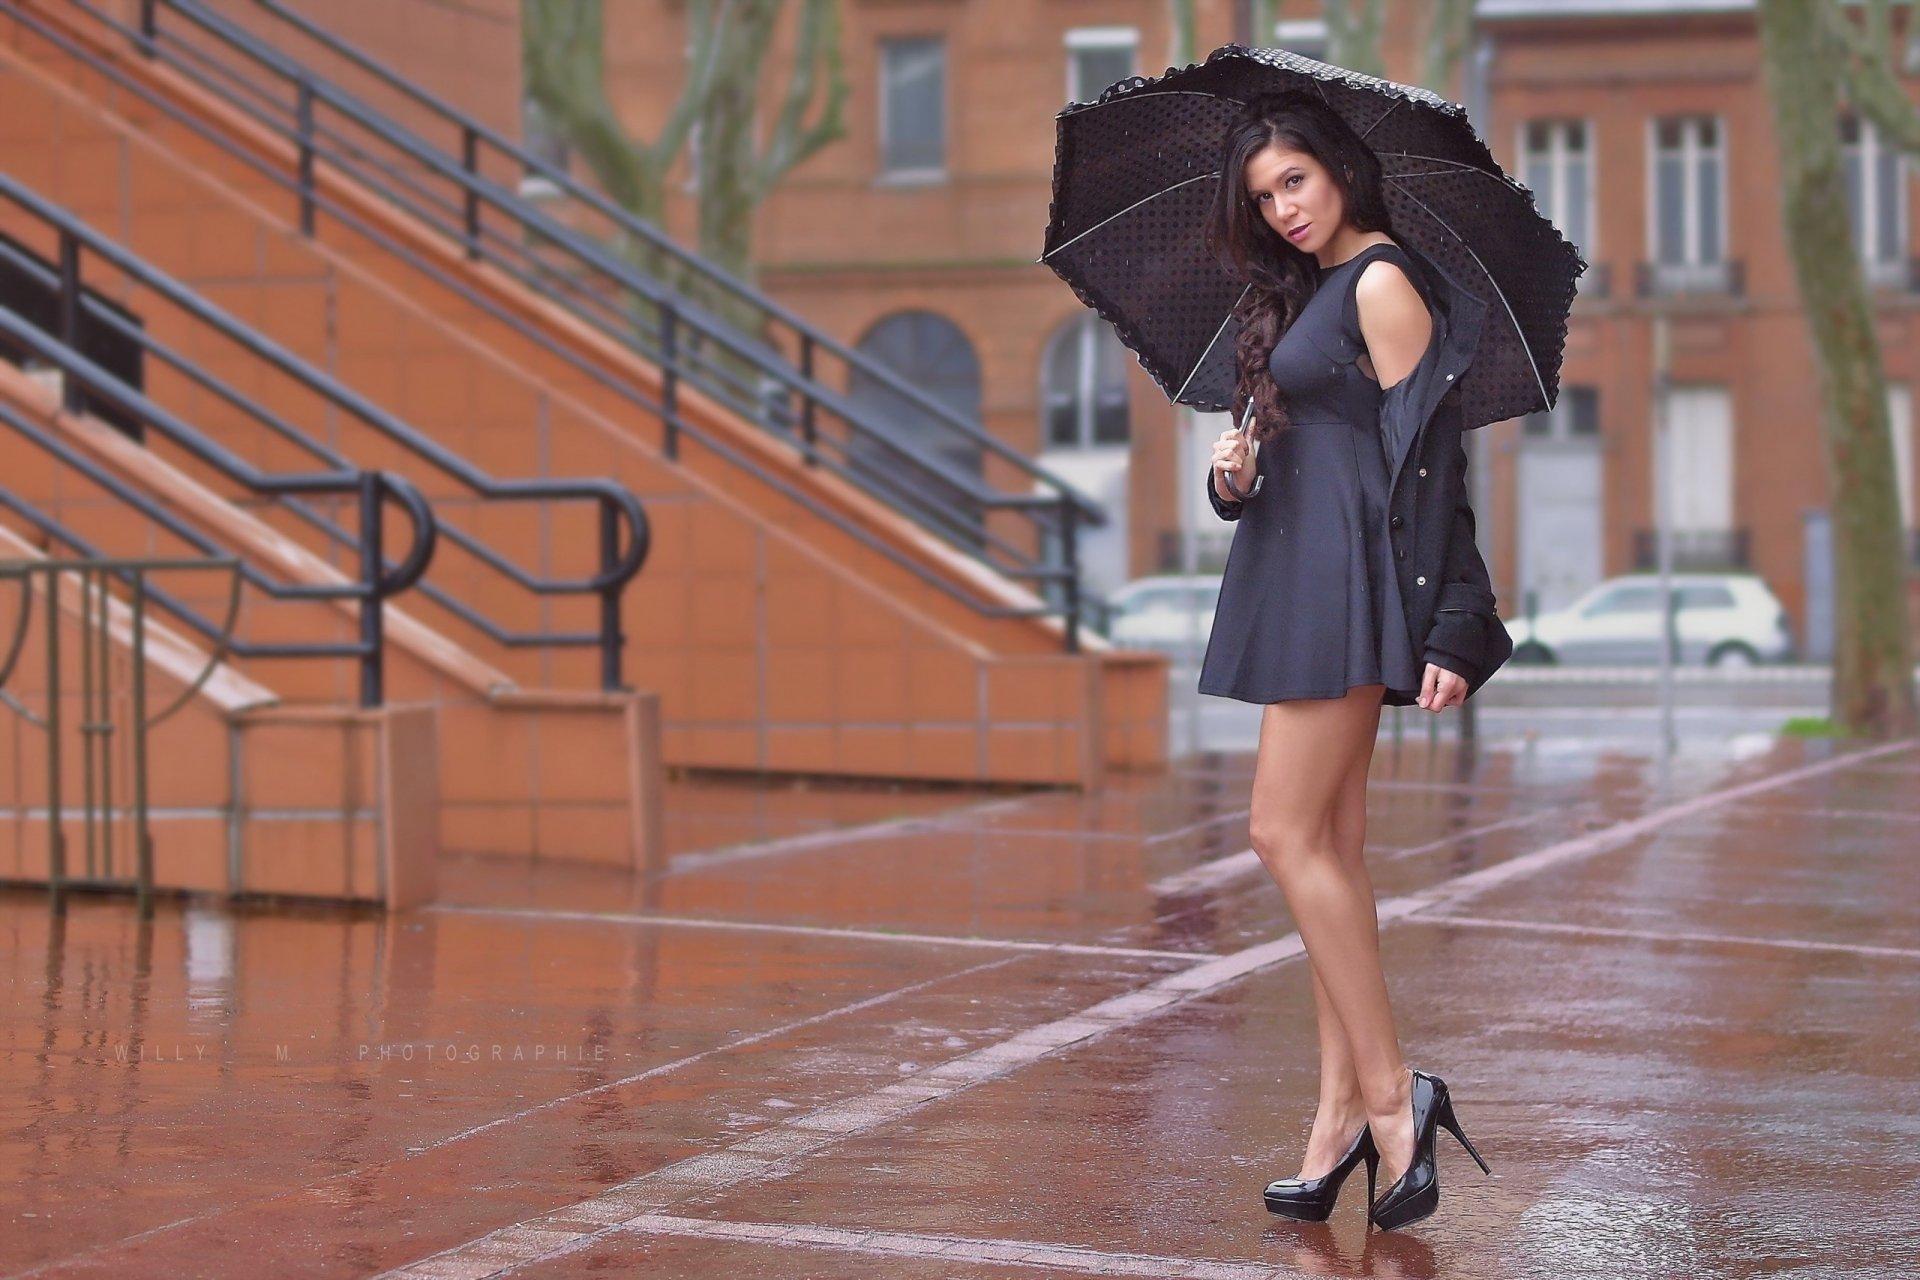 смотреть как голая красивая женщина гуляет на улице фото русский